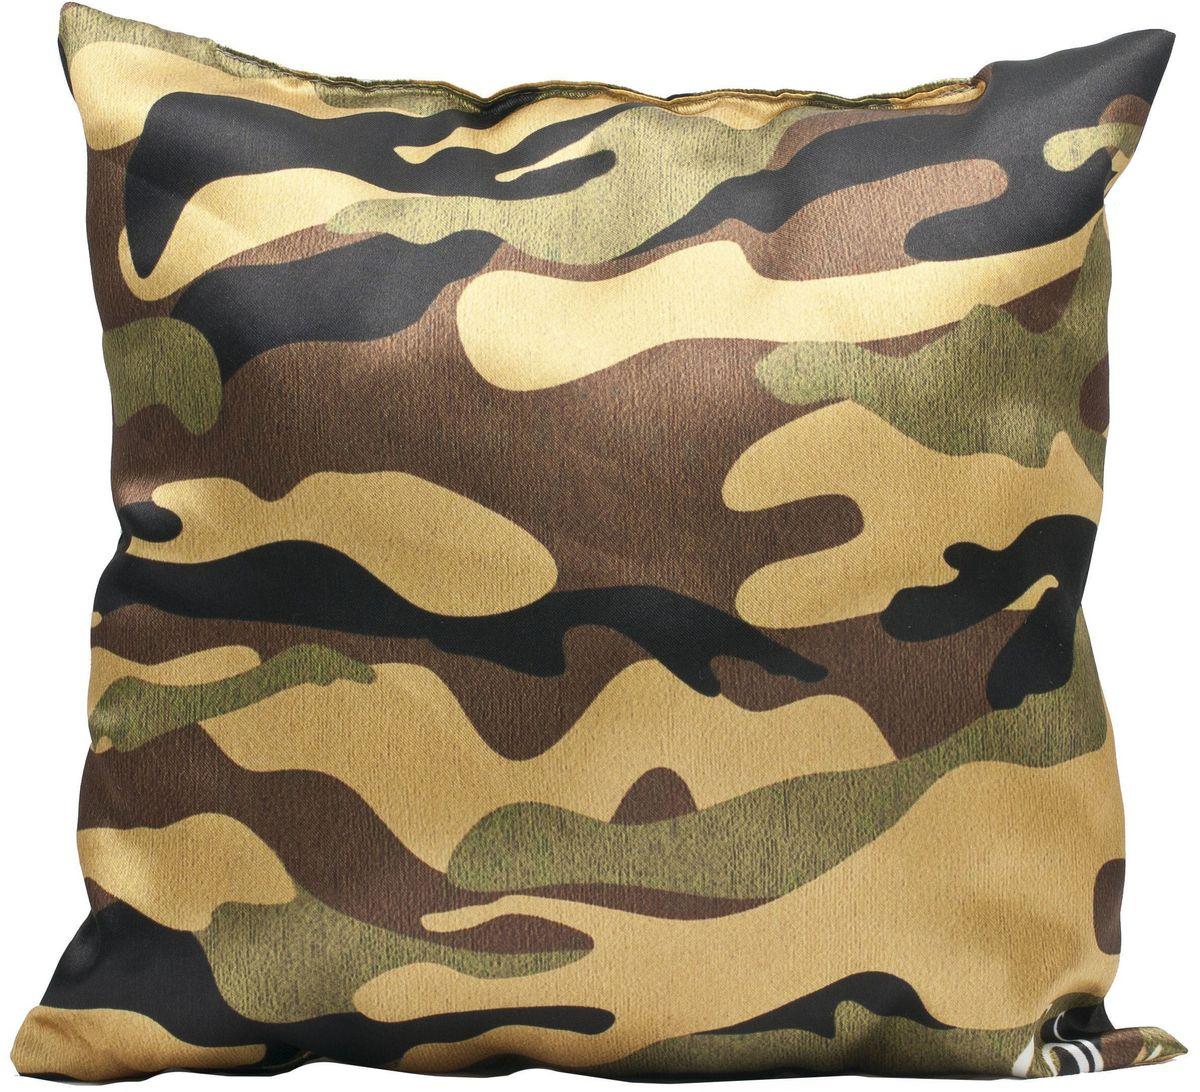 Подушка декоративная Главдор GL-527. Камуфляж, с рисунком, 30х30 см1004900000360Декоративные подушки c апликацией в салон автомобиля.